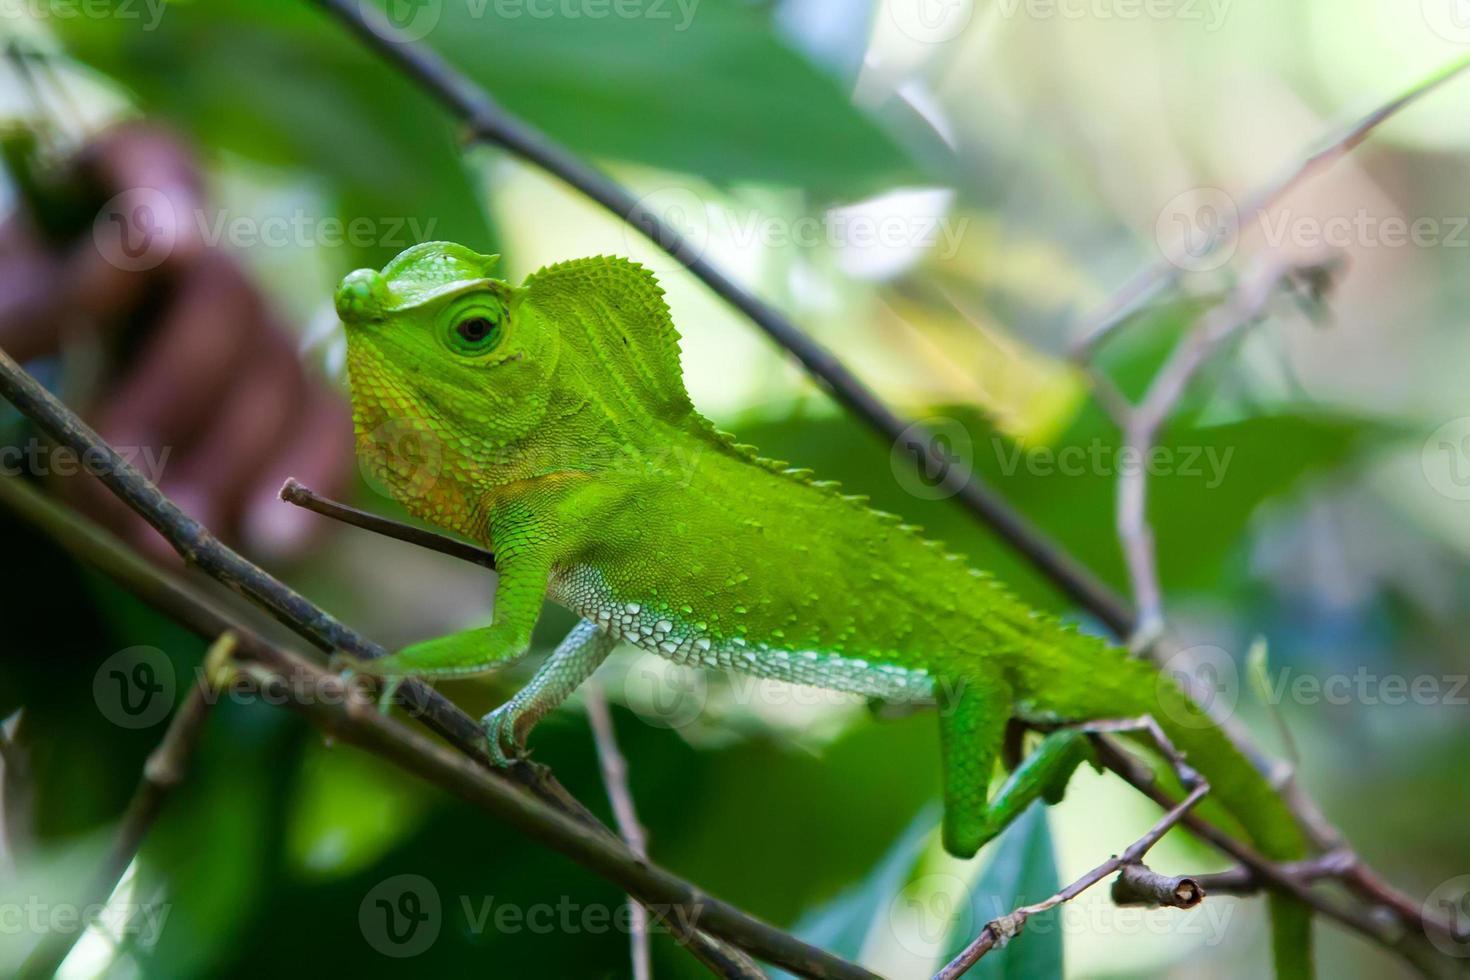 camaleão verde no galho de árvore na floresta de singharaja no srilanka foto